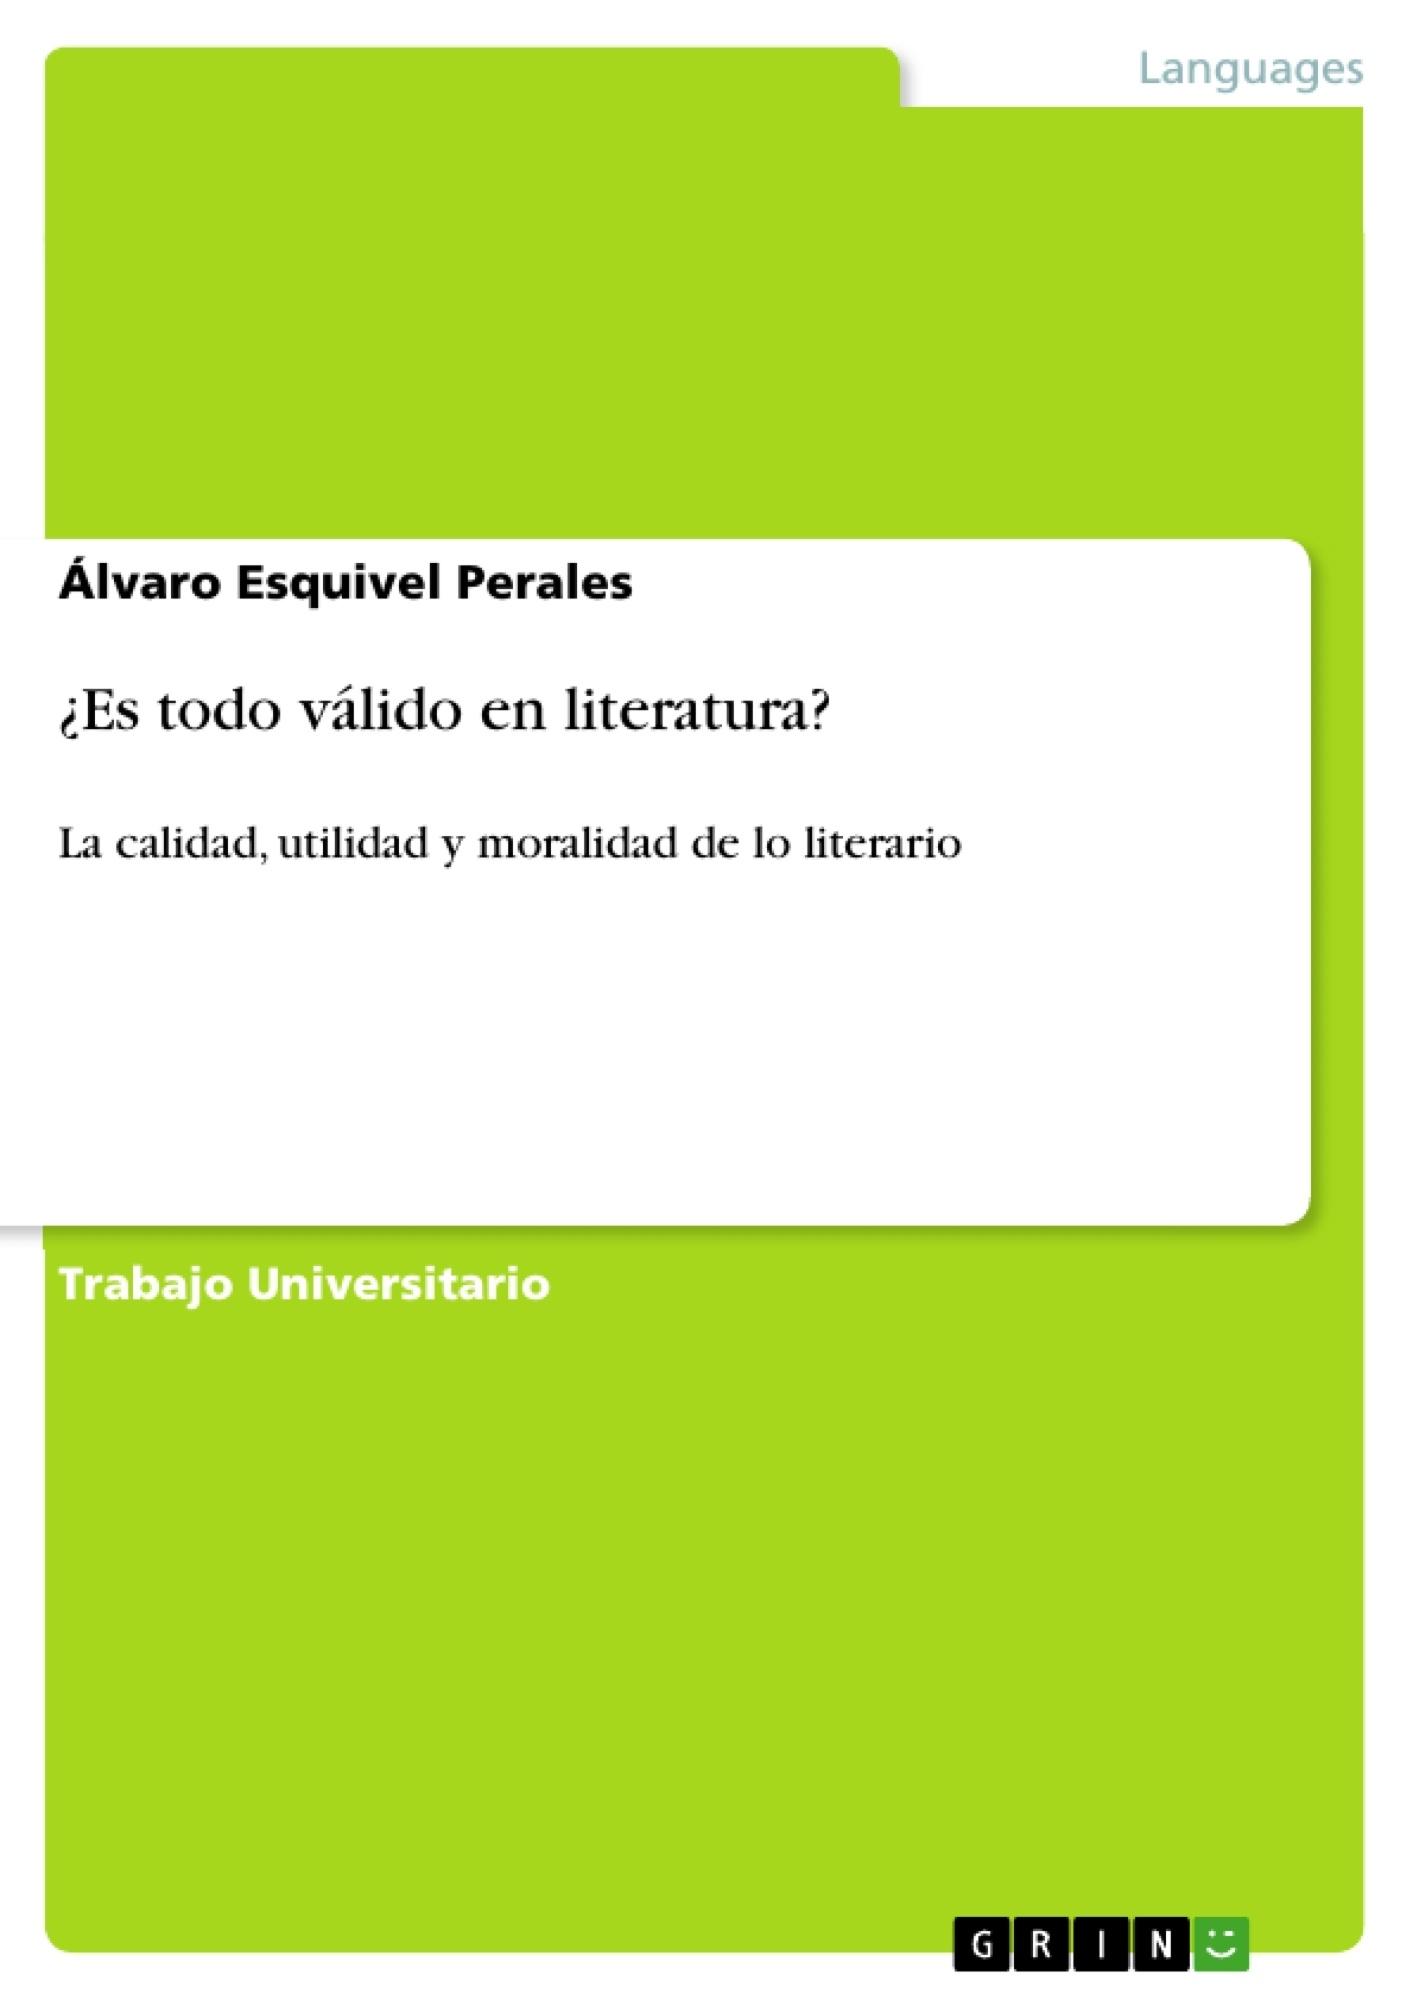 Título: ¿Es todo válido en literatura?